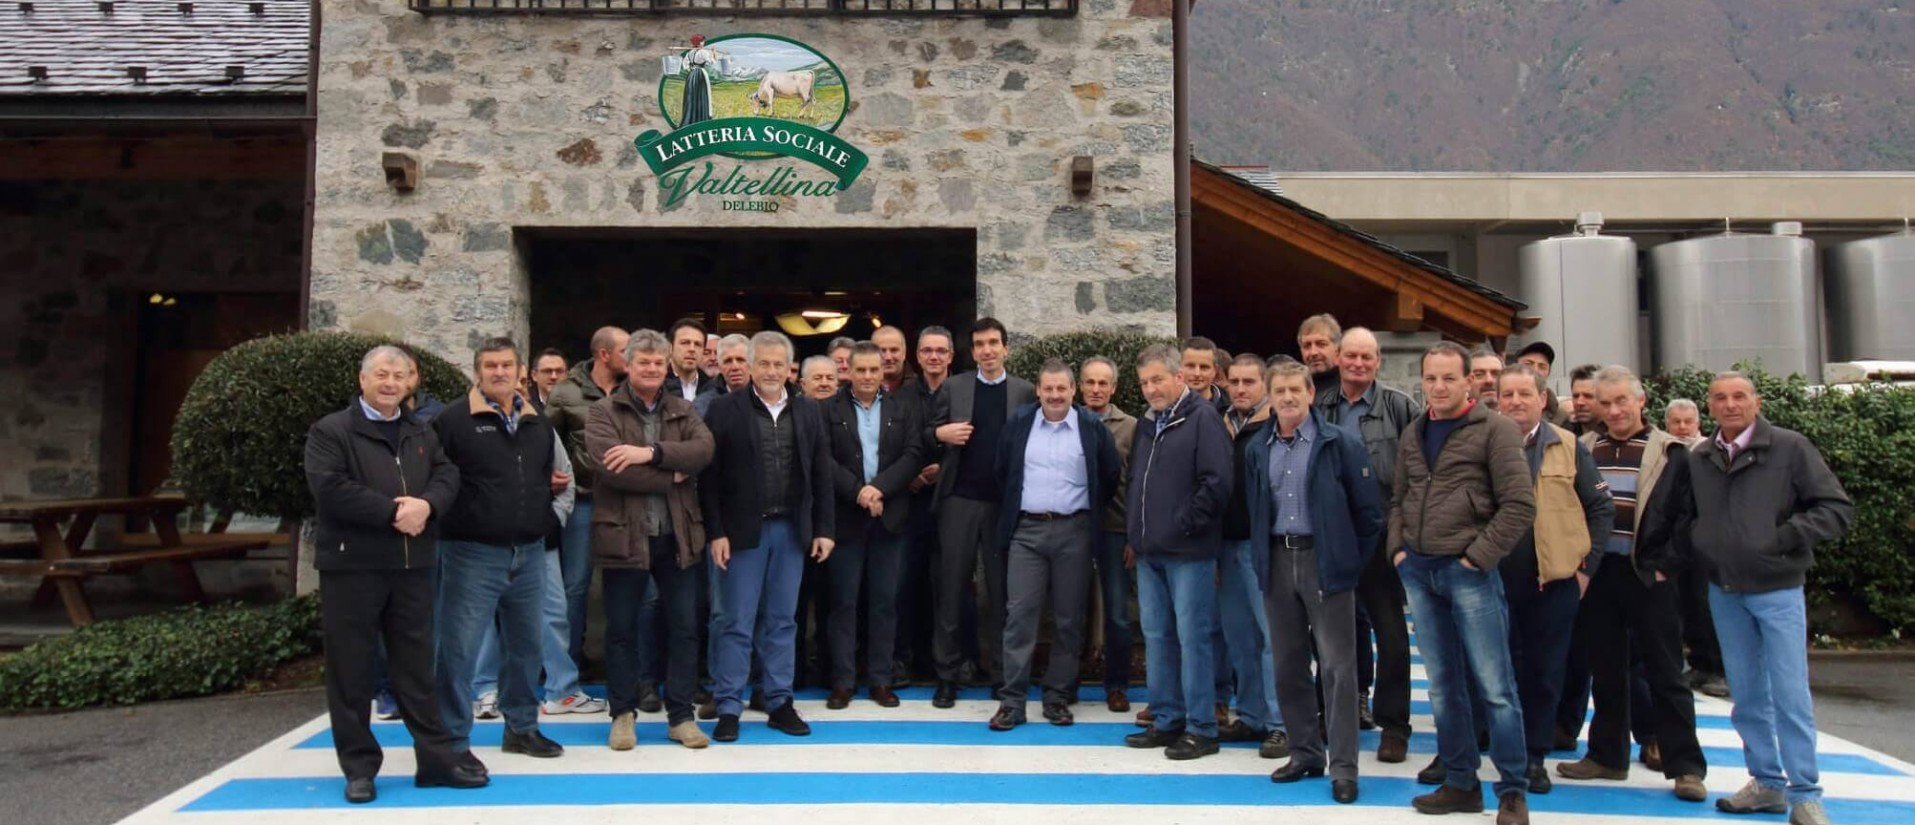 Aggregazione dei soci agricoli presso la latteria Valtellina